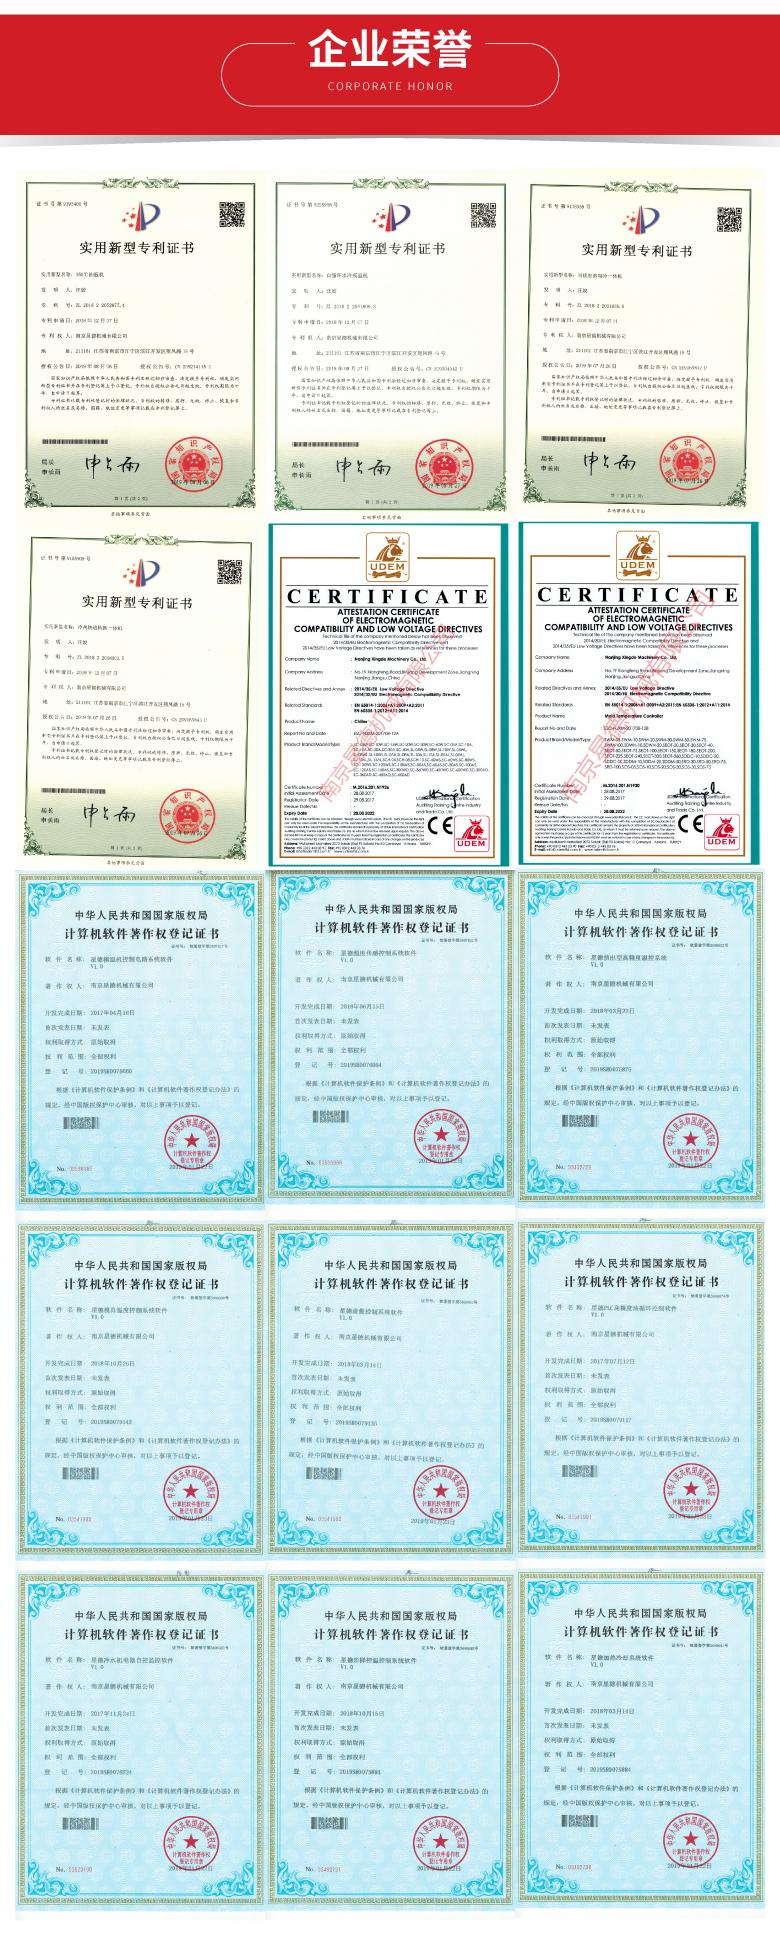 南京星德机械_详情页设计(公司荣誉).jpg